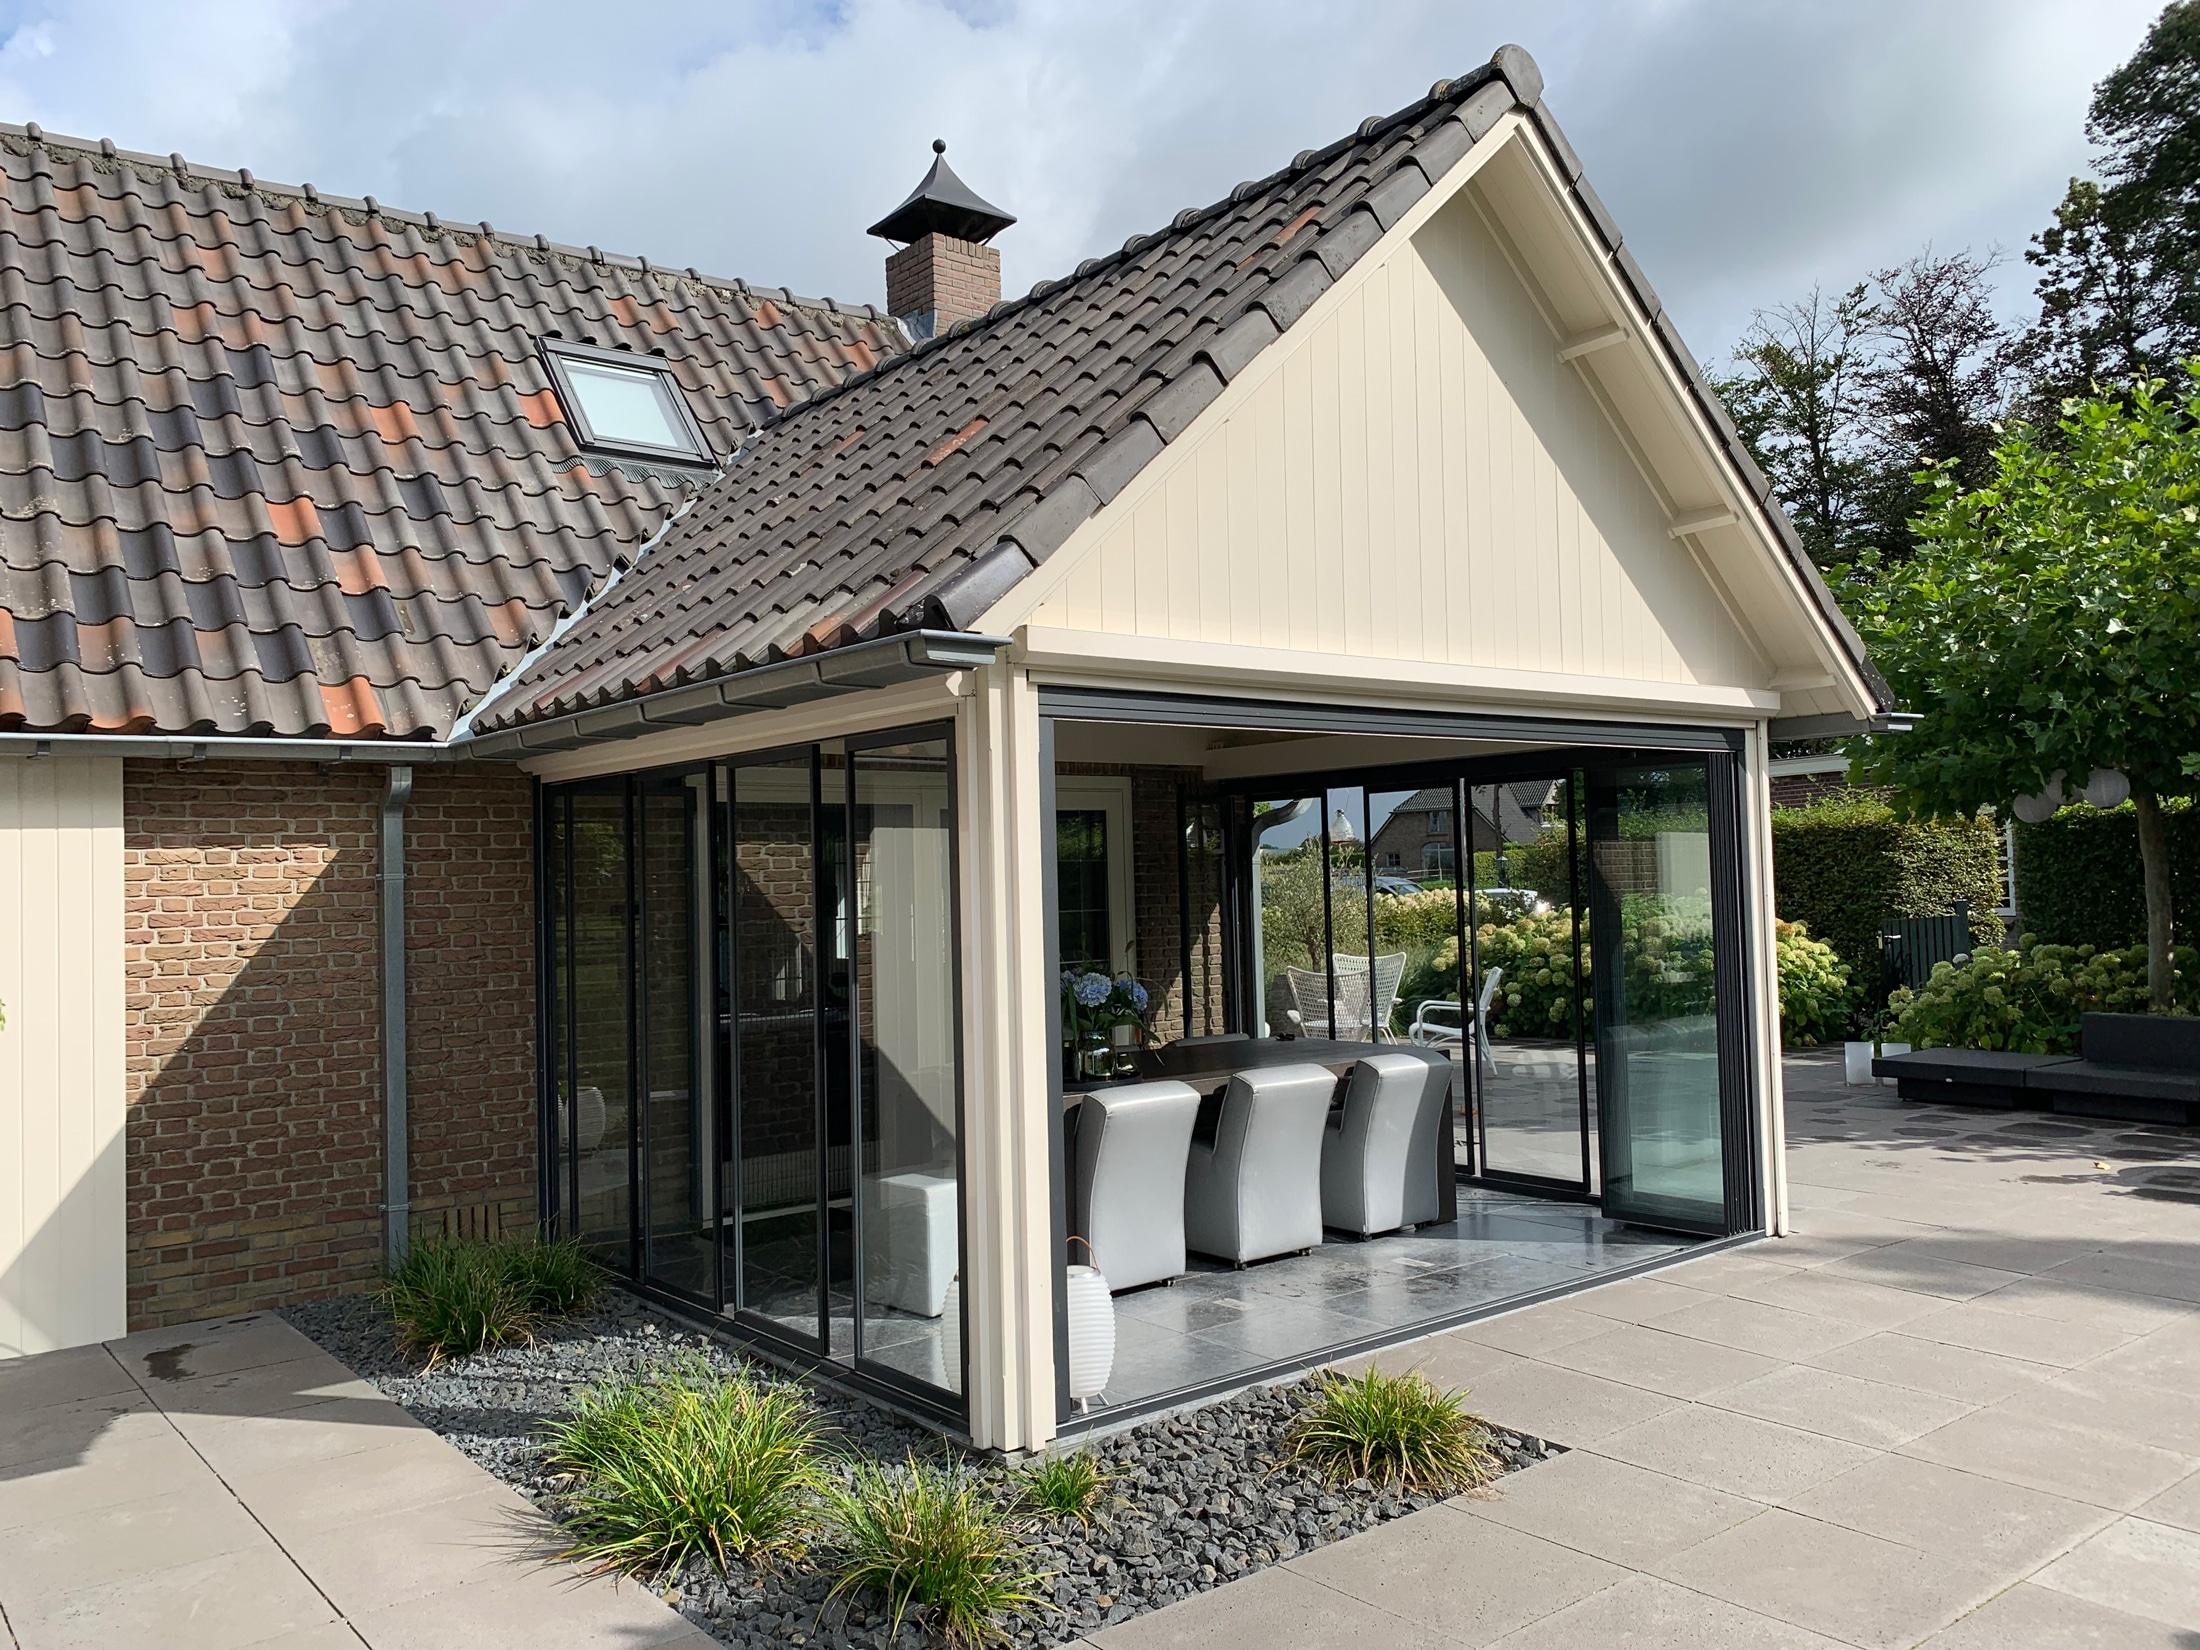 Schiebelösungen für Anbau mit festem Dach